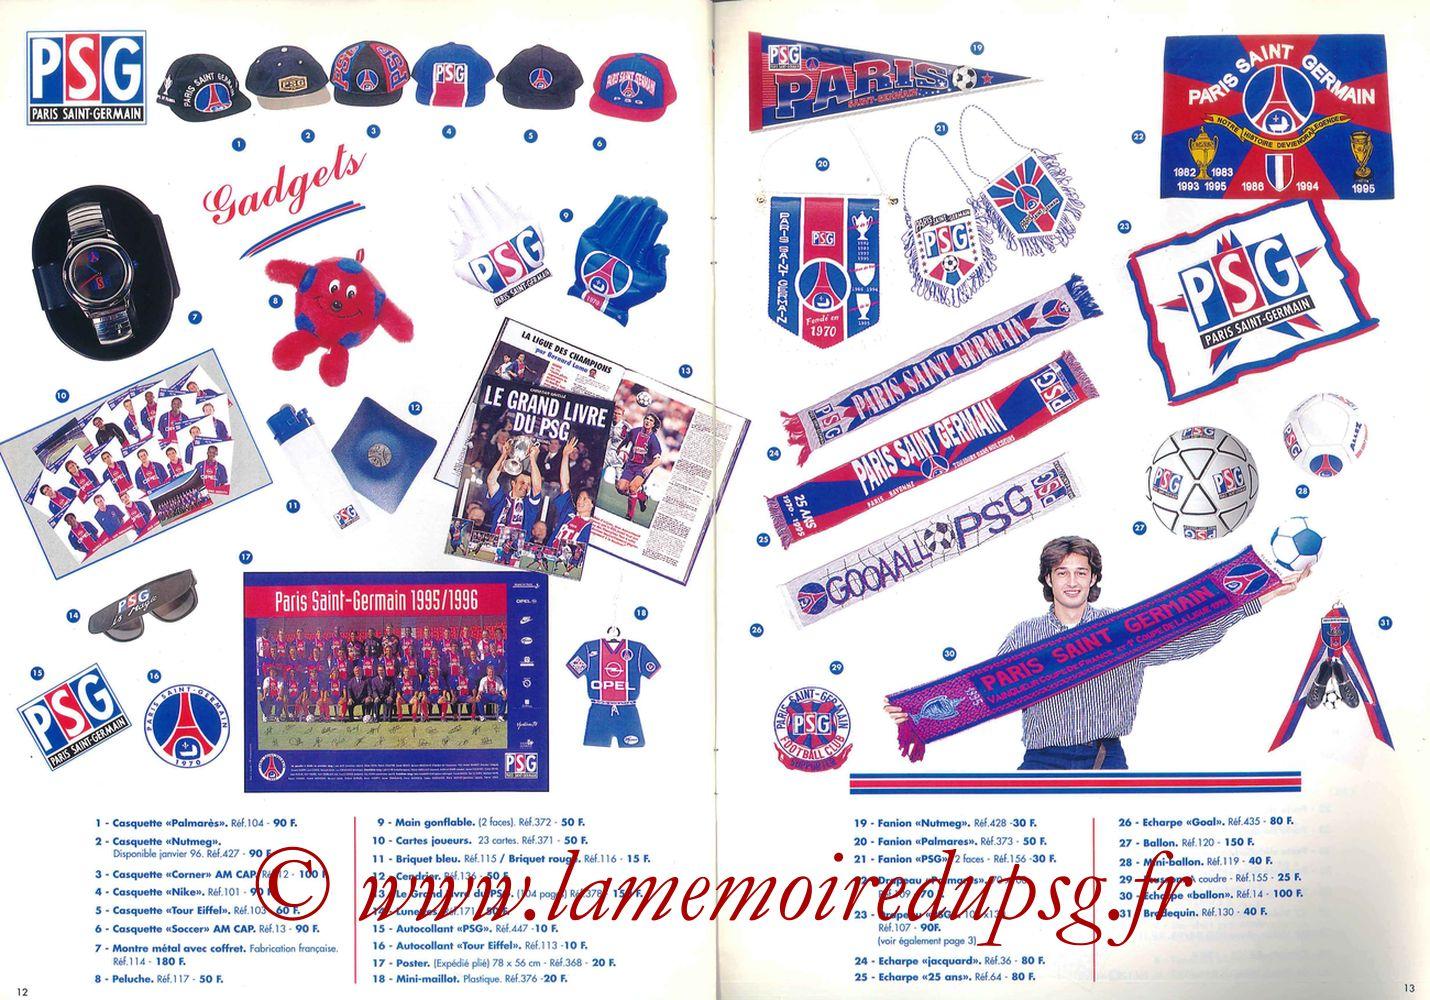 Catalogue PSG - 1995-96 - Pages 12 et 13